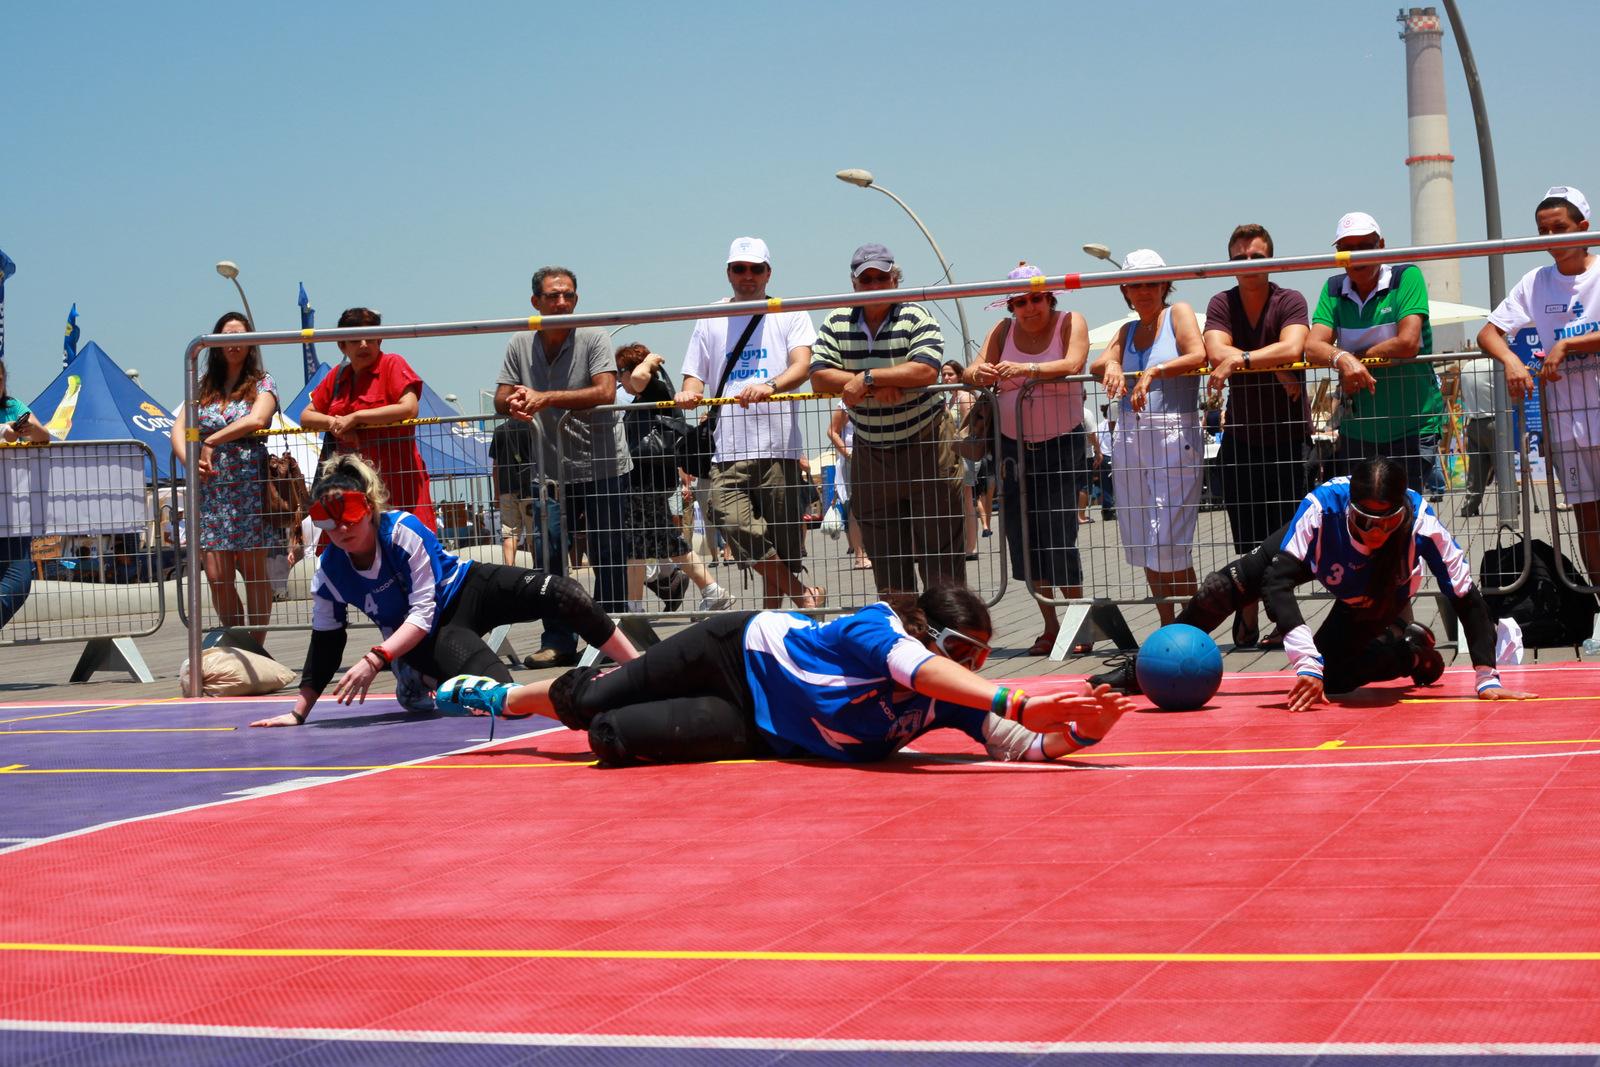 תחנת כדור-שער בנמל תל-אביב